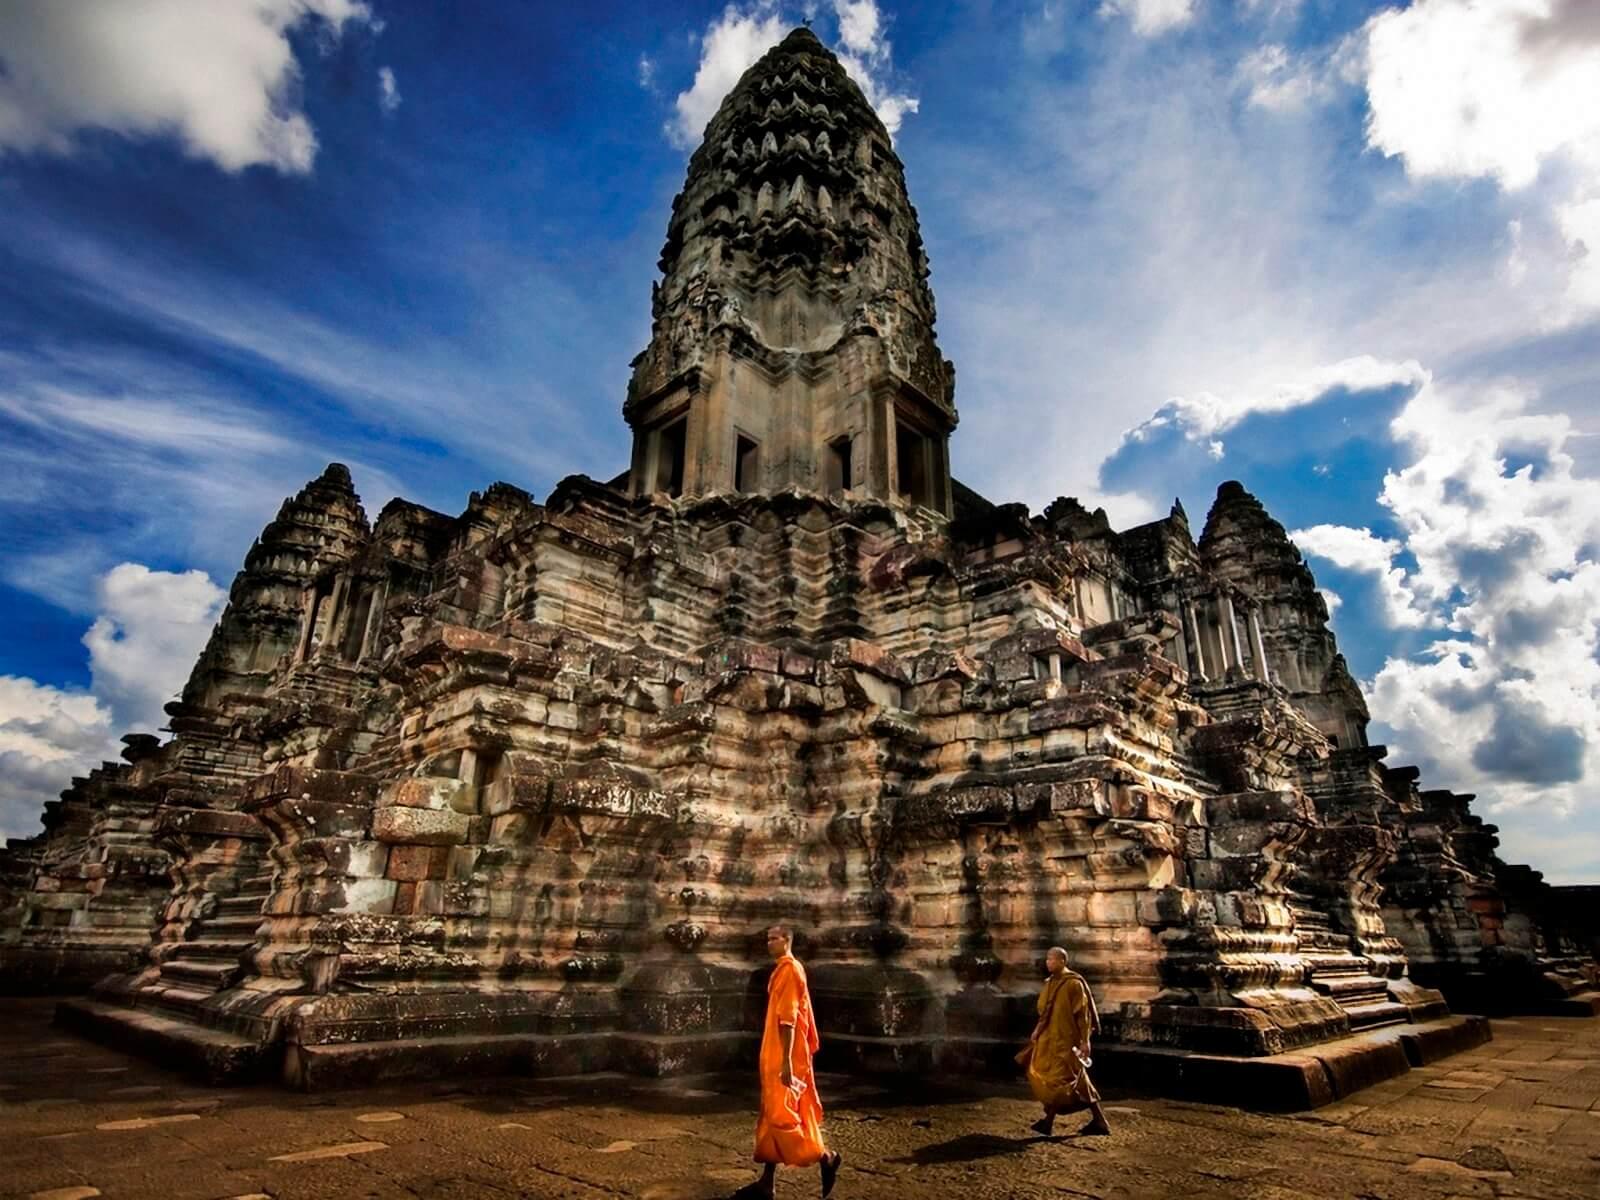 Campuchia Là Nước Nào? Bạn Biết Gì Về Người Hàng Xóm Này Của Mình?